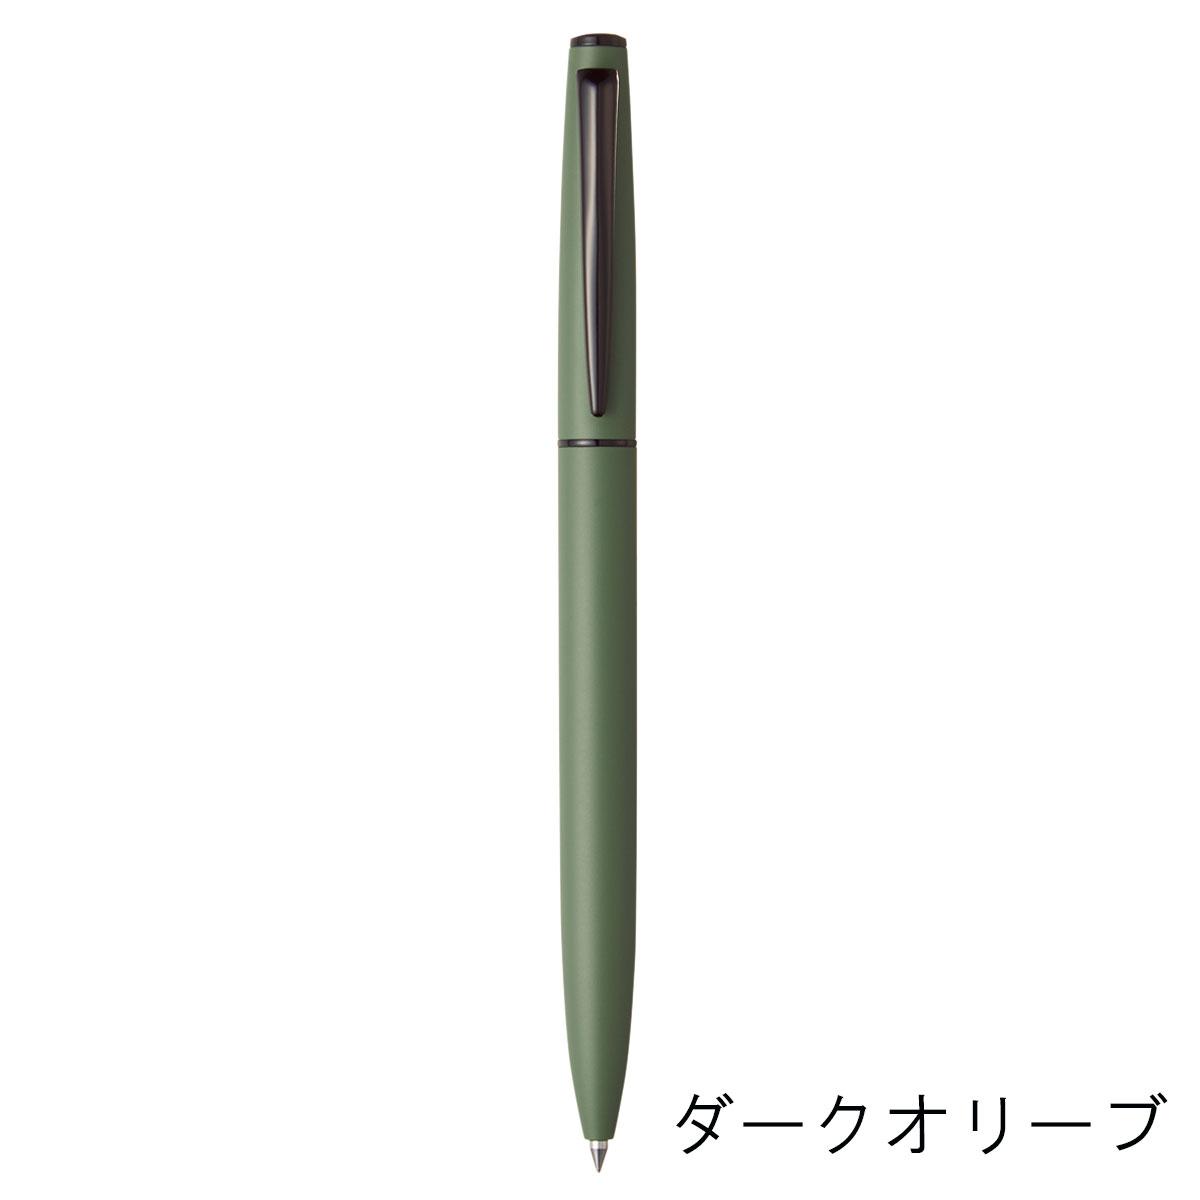 三菱鉛筆 ジェットストリーム プライム 回転繰り出し式シングル(0.5mm) SXK-3300-05